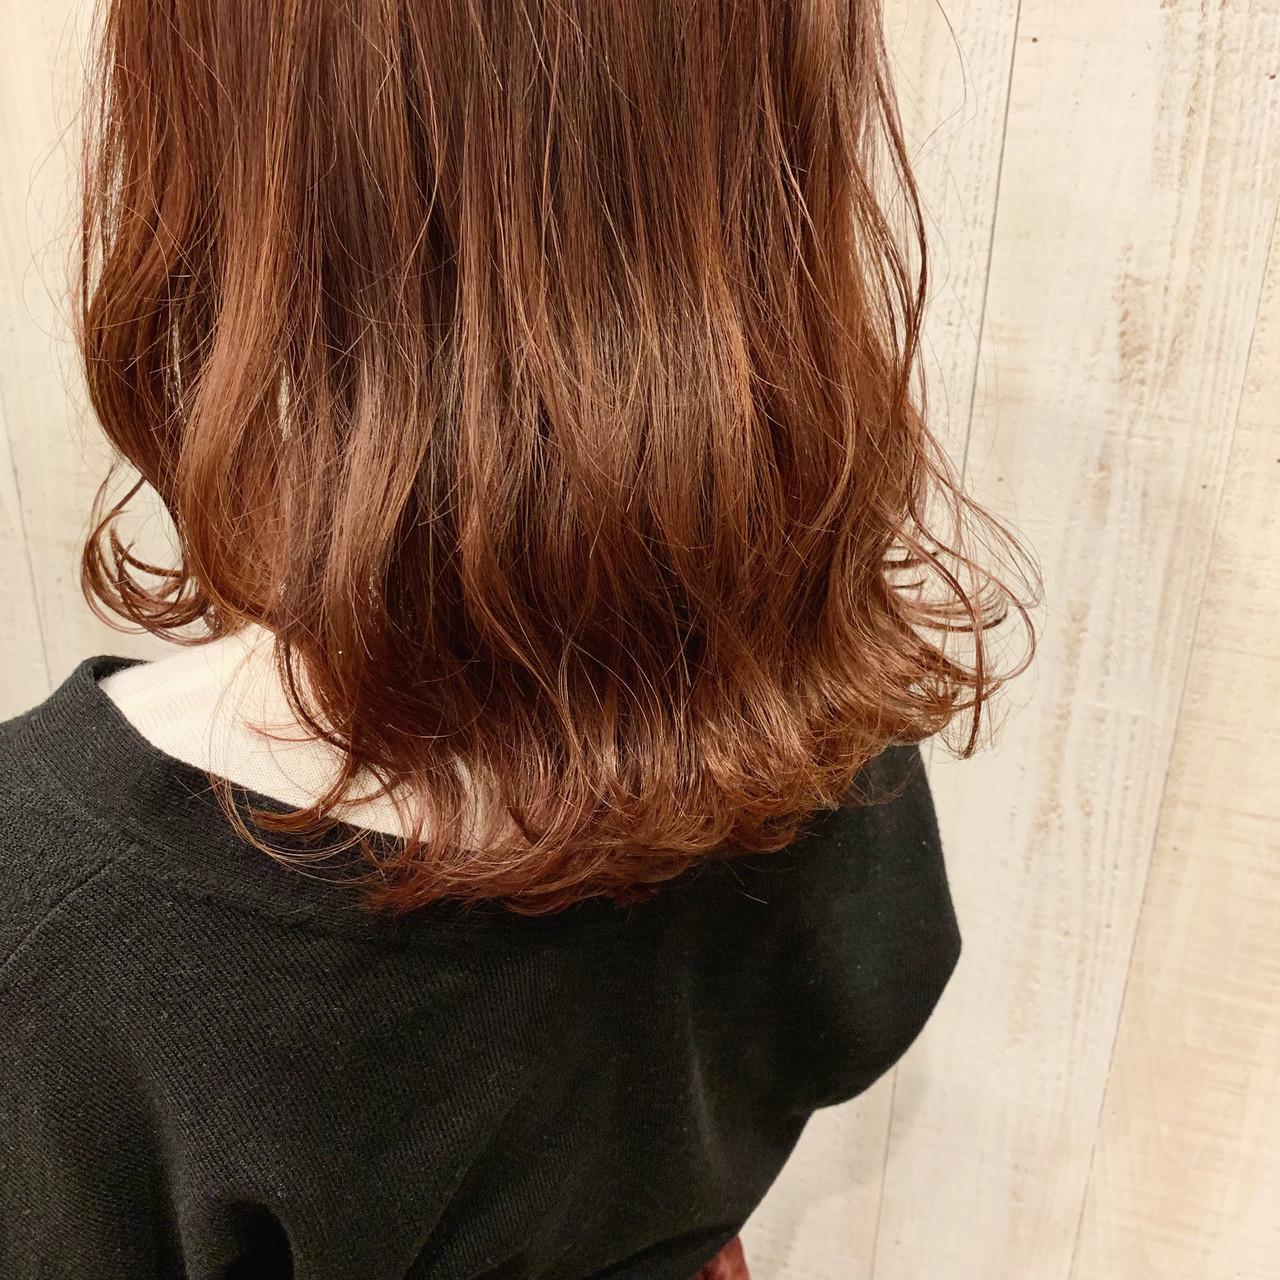 アプリコットオレンジ オレンジカラー ガーリー なみウェーブ ヘアスタイルや髪型の写真・画像